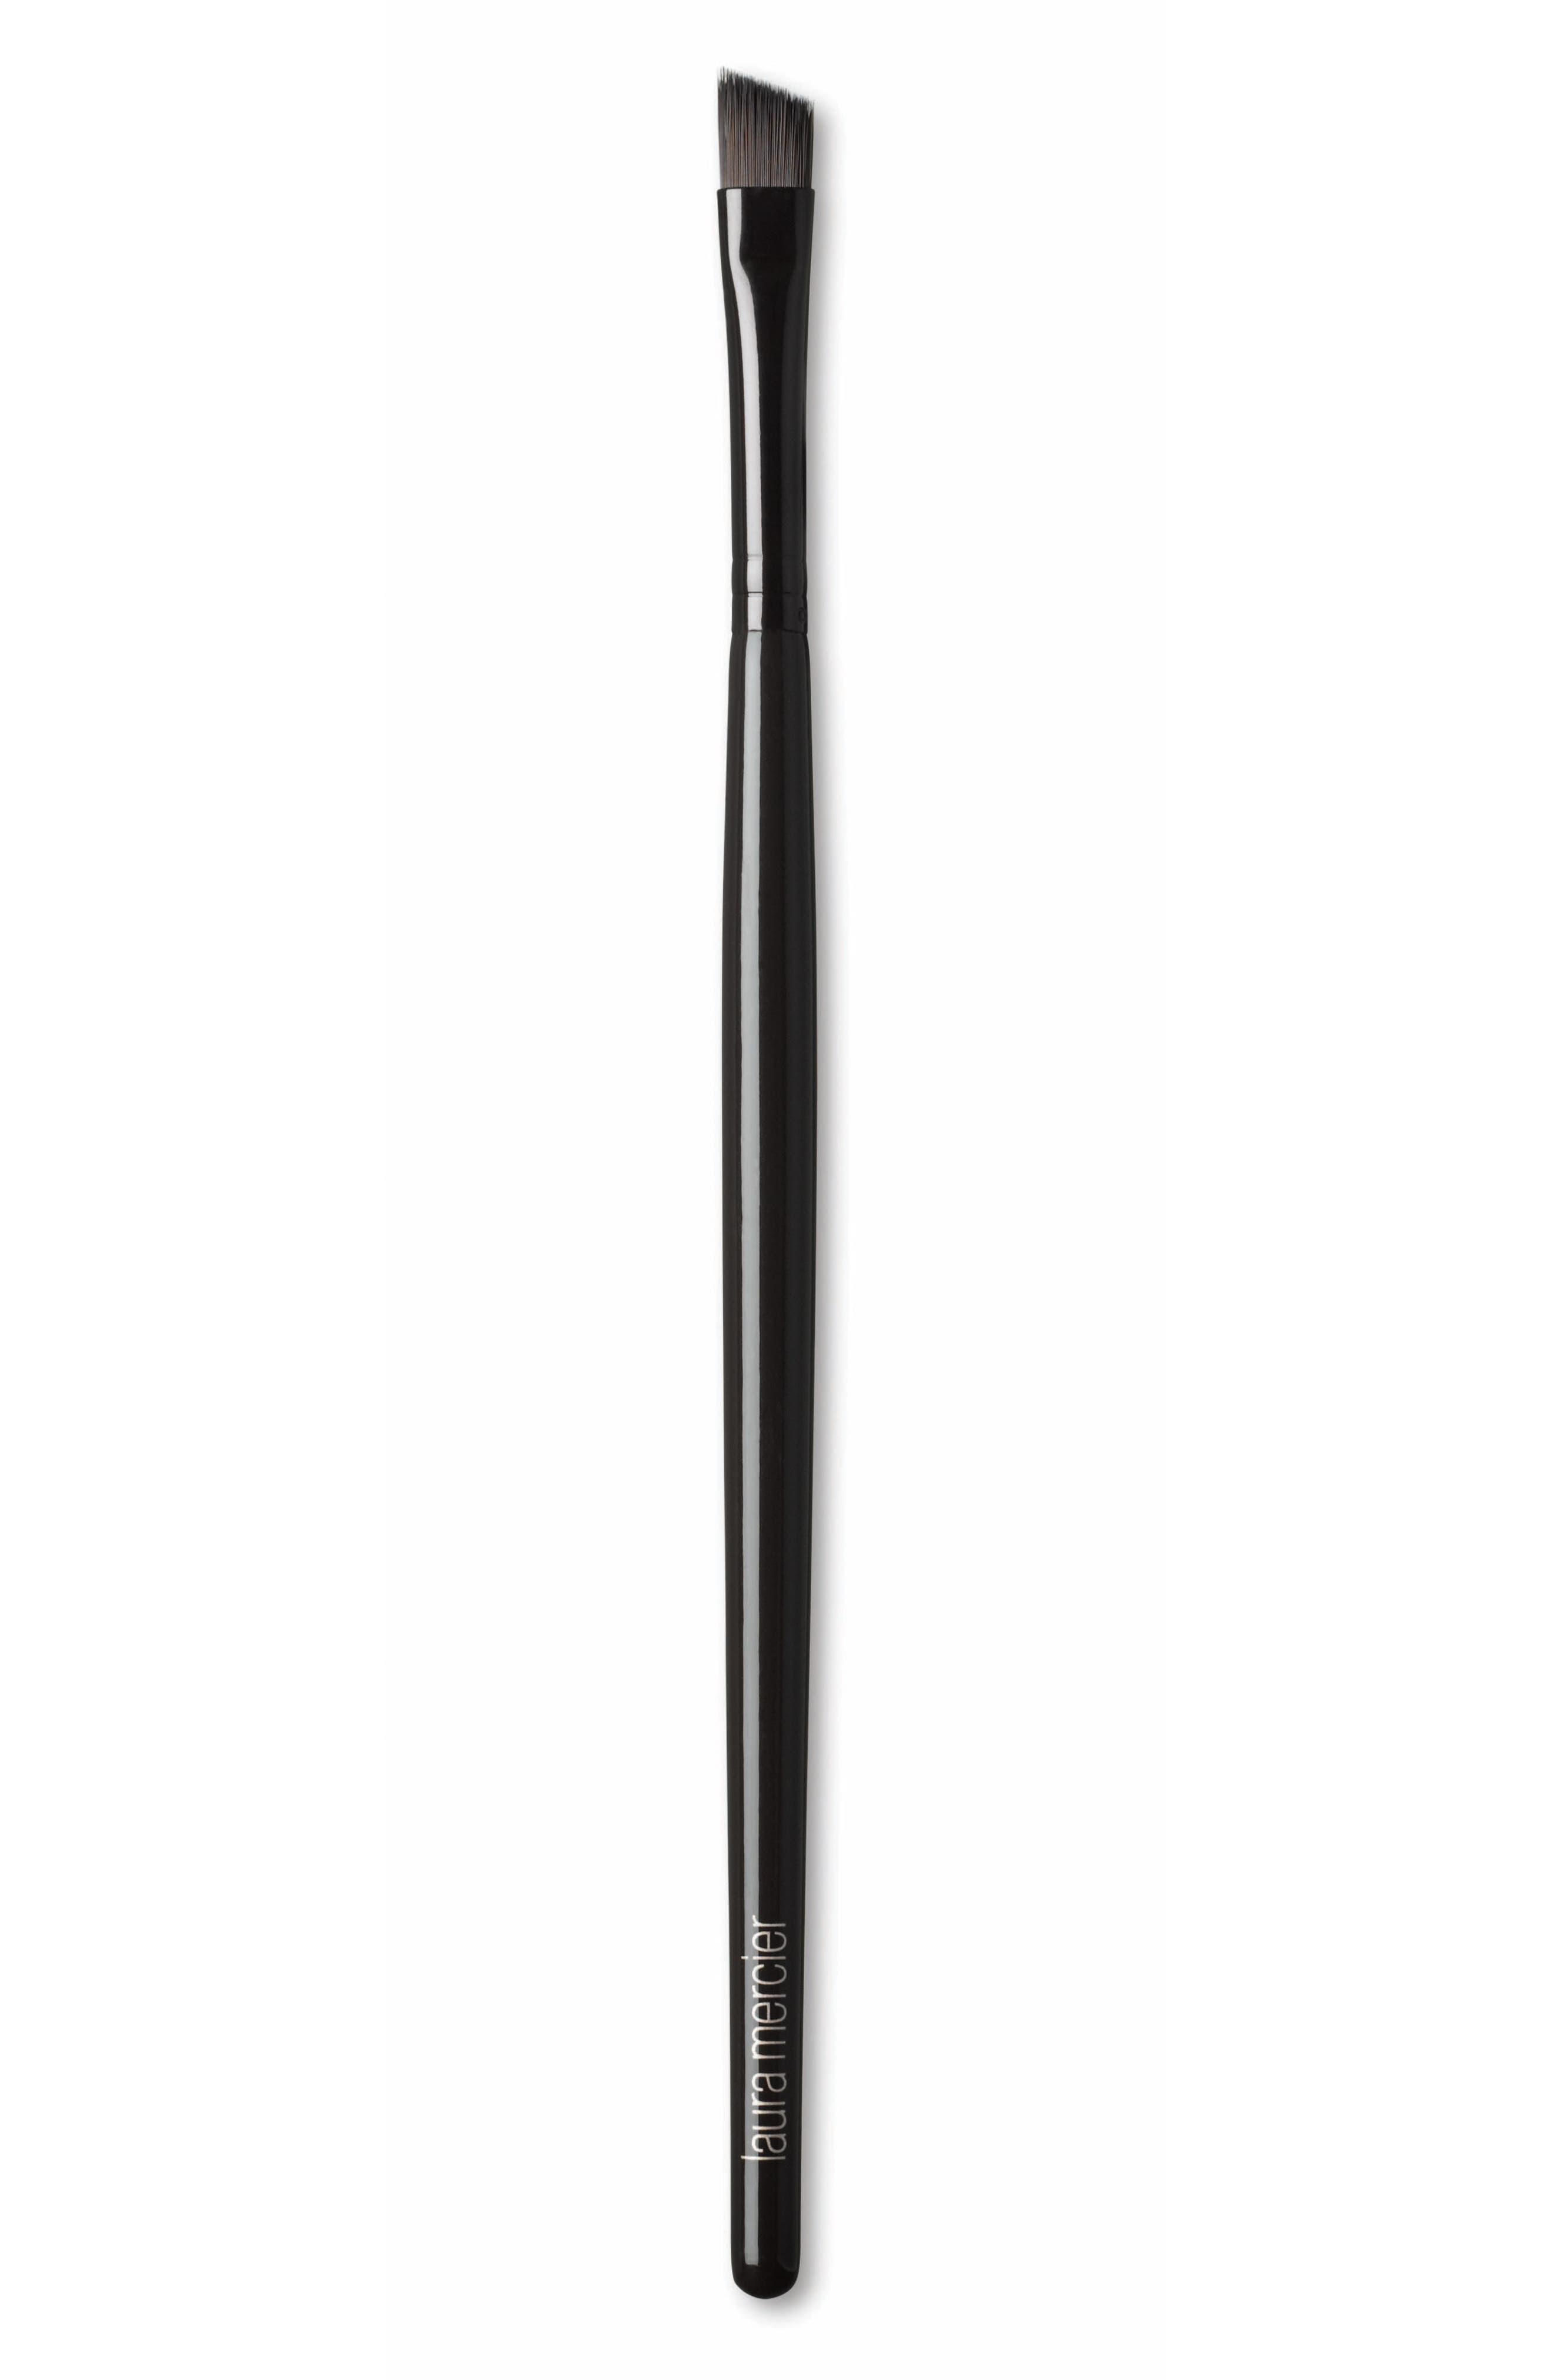 Brow Definer Brush,                         Main,                         color, No Color